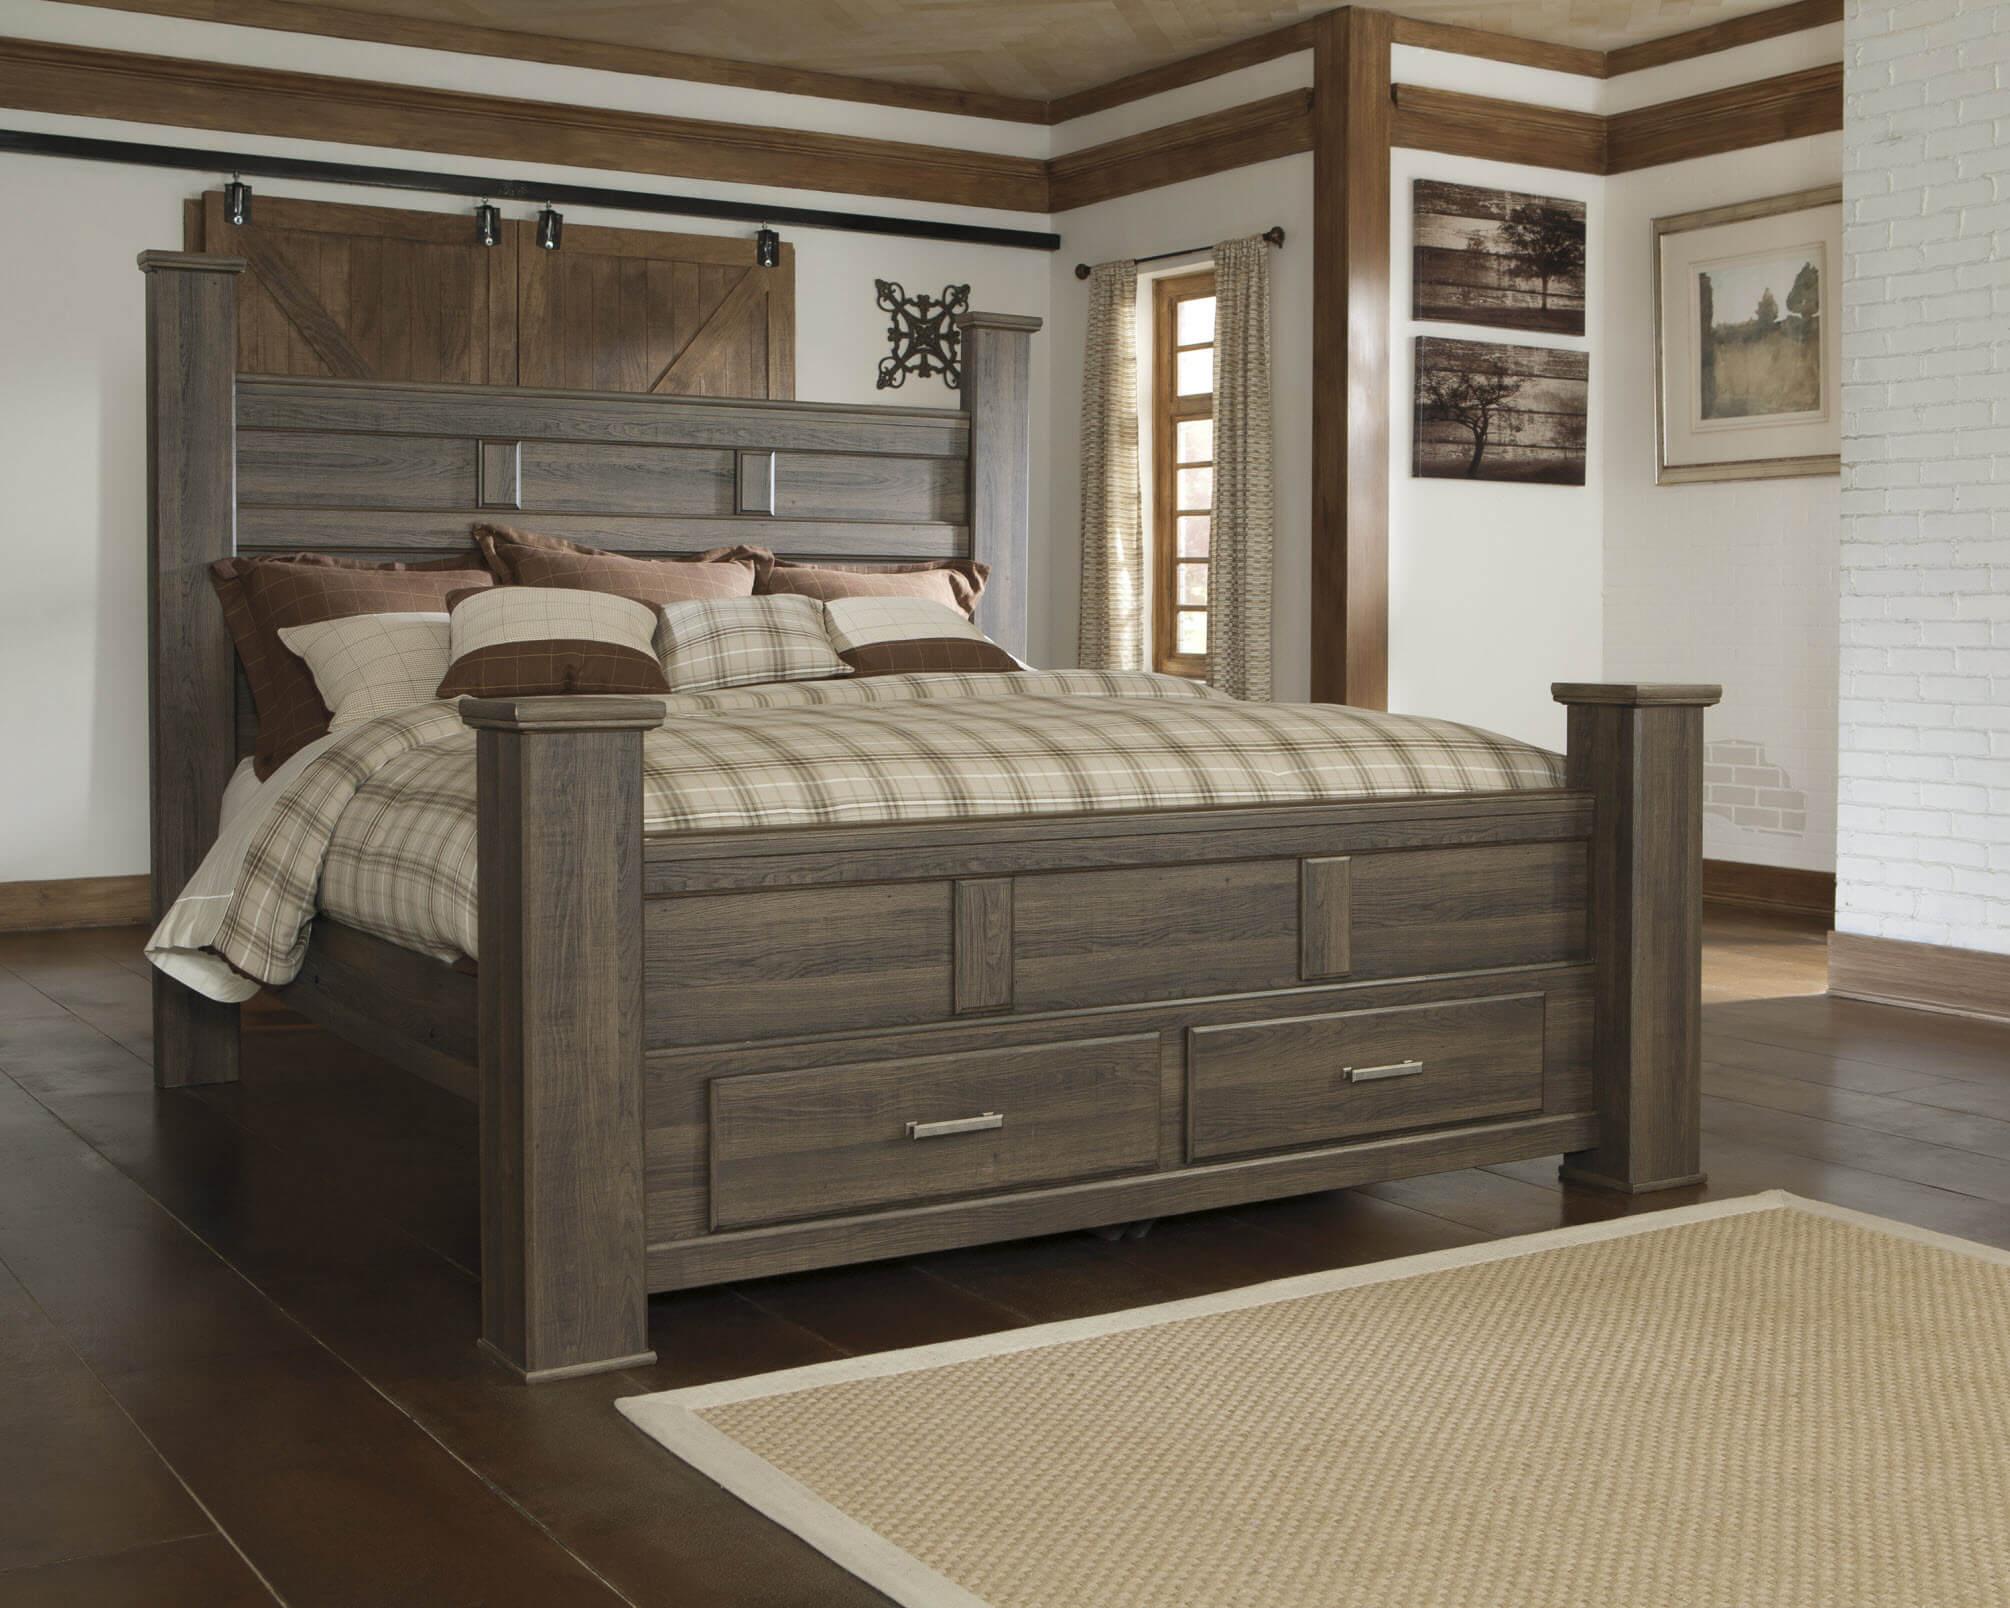 bedroom furniture sets - Ashley Bedroom Furniture